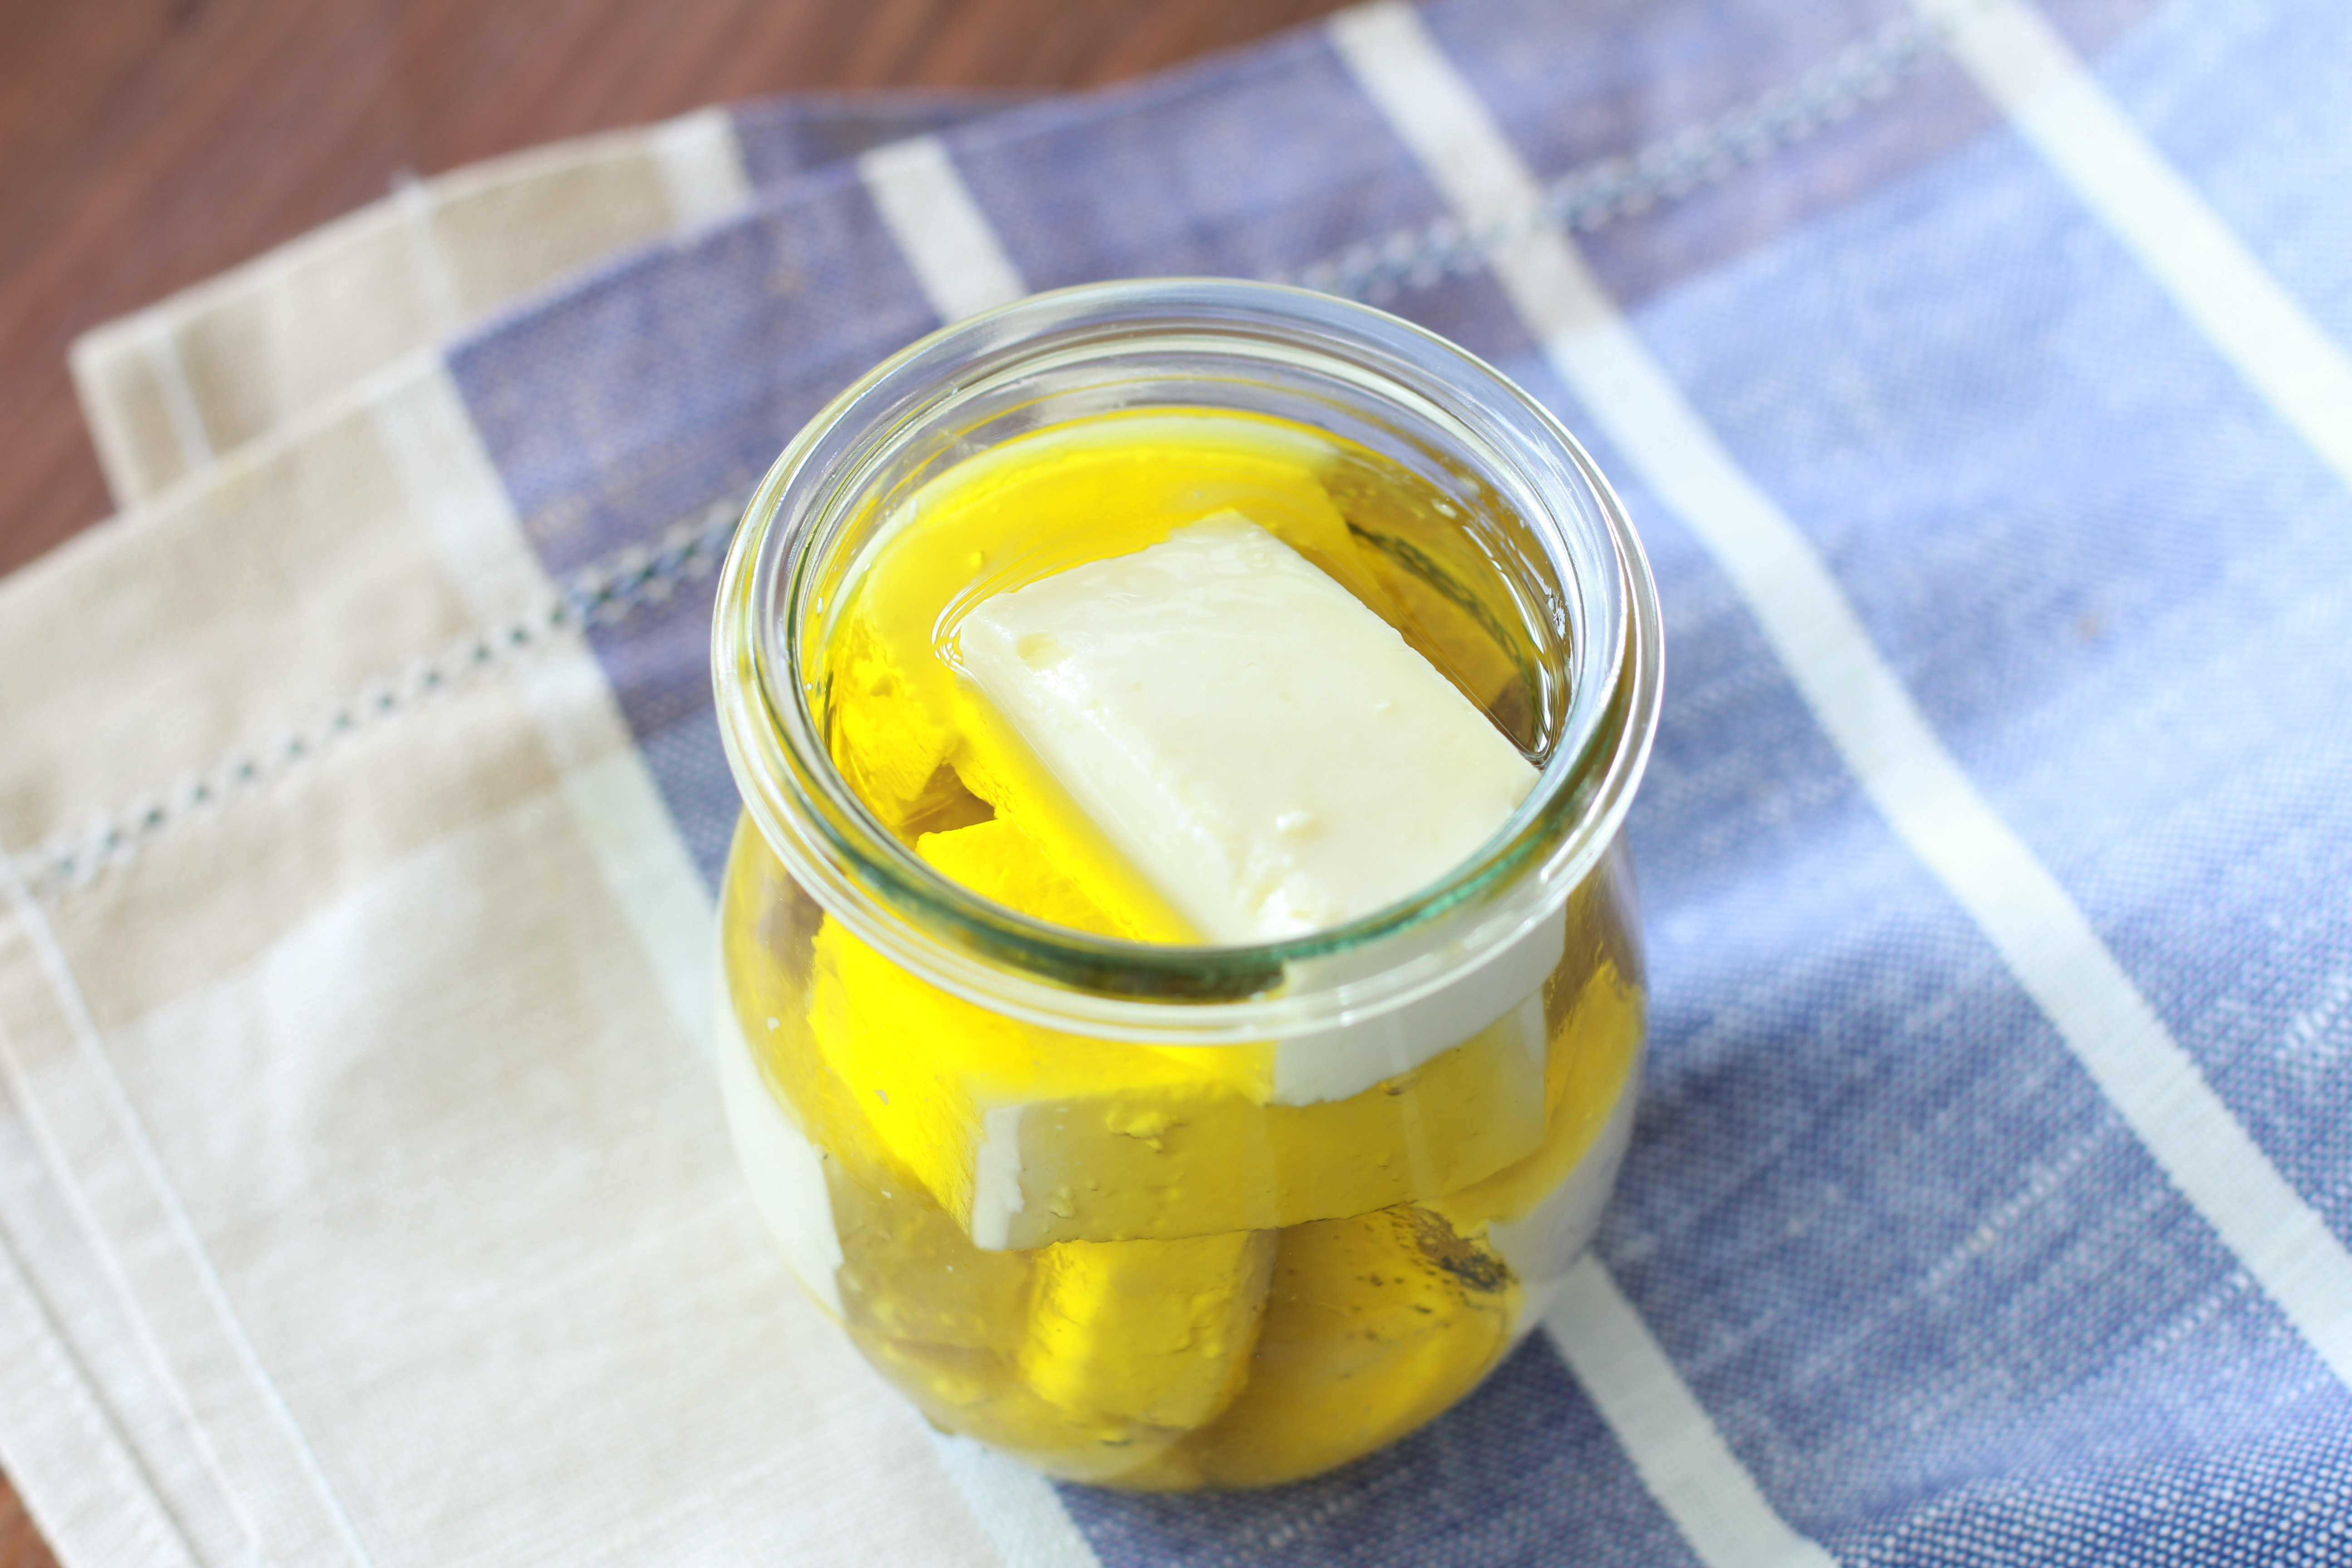 豆腐をチーズに変える「魔法のレシピ」で、ヘルシーなおつまみを!